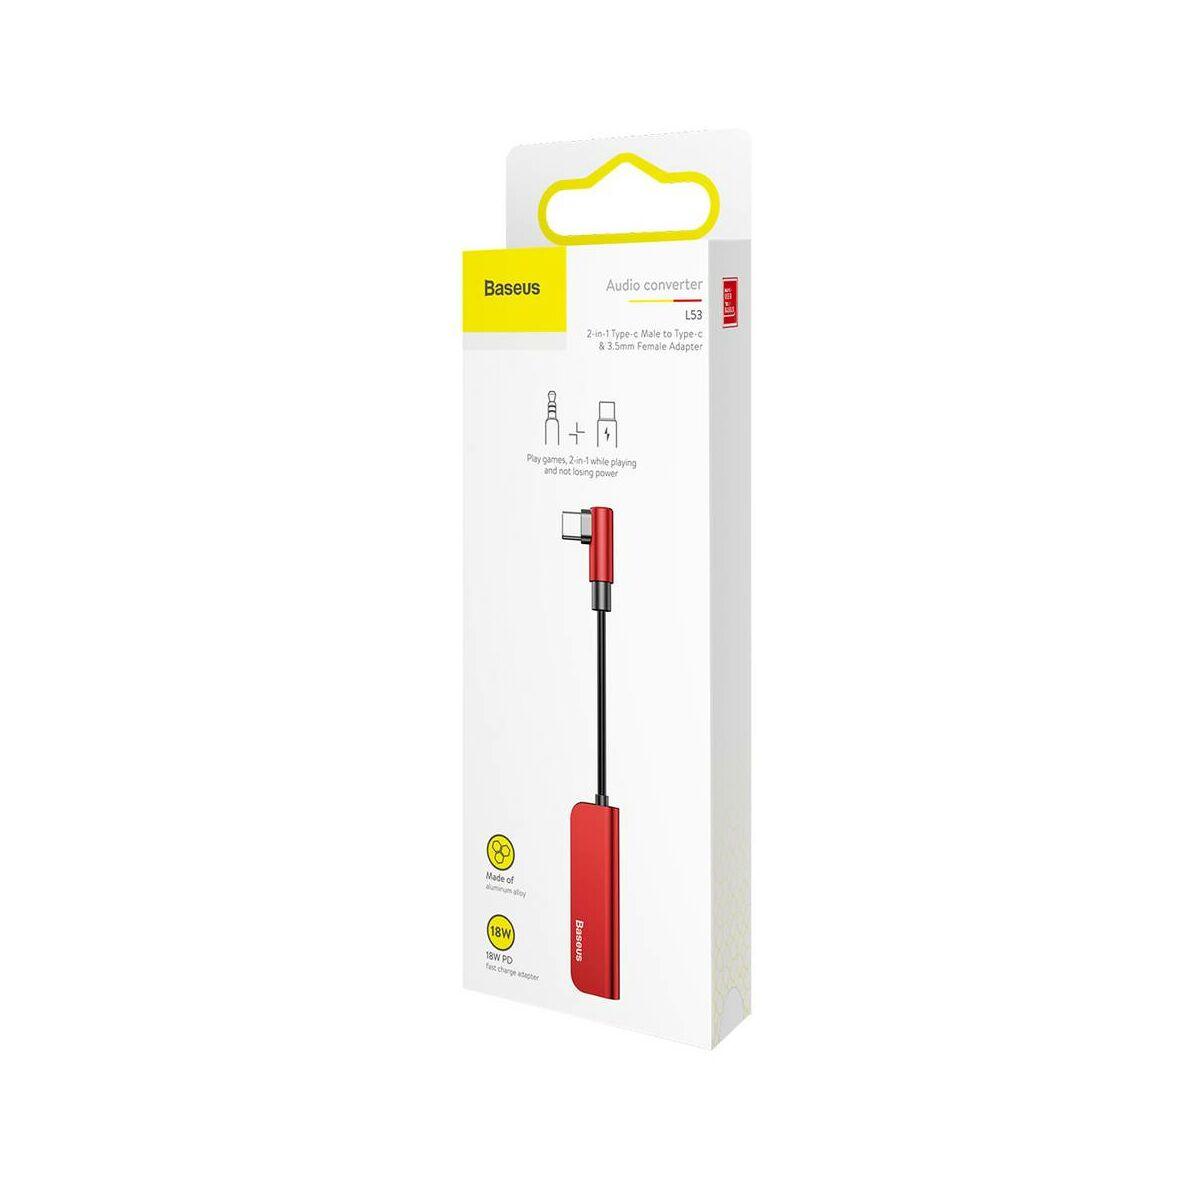 Baseus átalakító, L53 Type-C [apa] - Type-C 3.5 mm [anya] adapter, piros/fekete (CATL53-91)